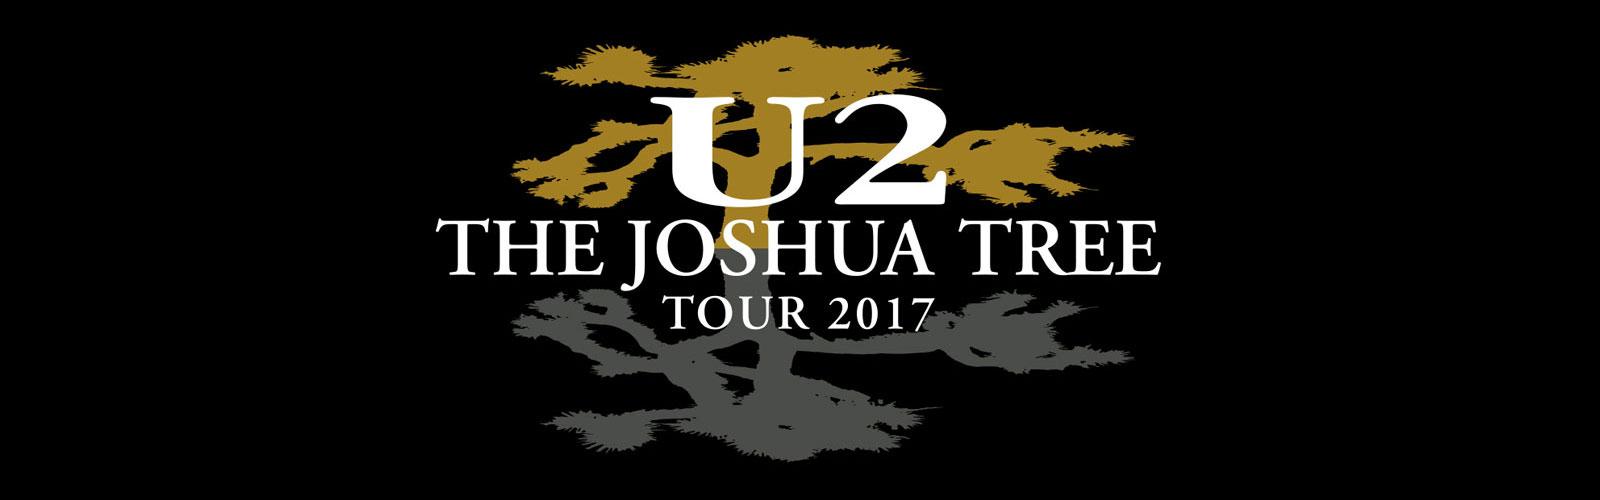 u2-tour-2017